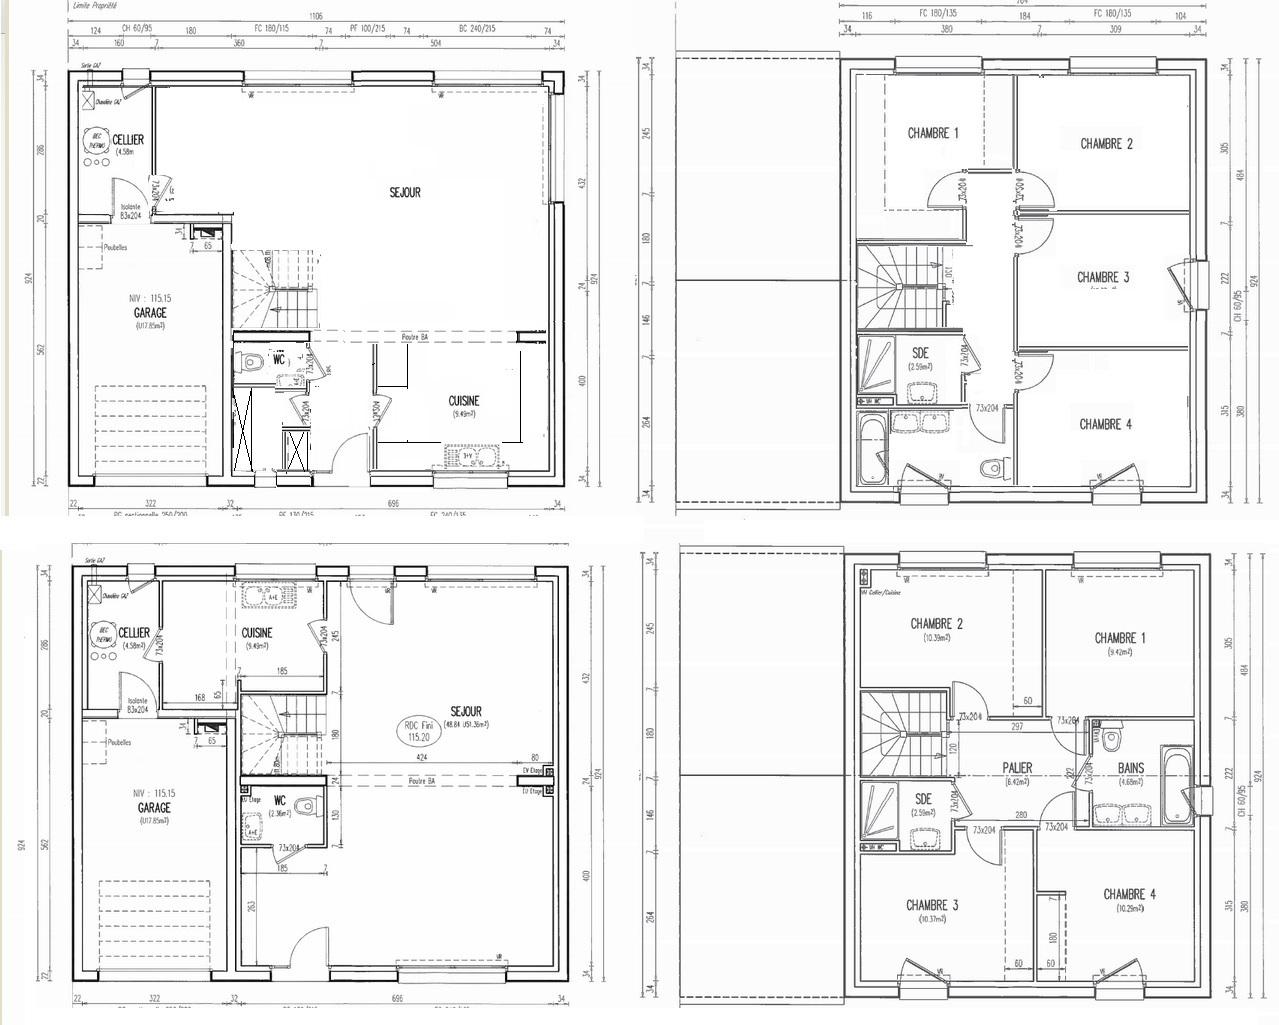 besoin d 39 avis pour optimiser tage d 39 une maison r 1 r solu 37 messages page 2. Black Bedroom Furniture Sets. Home Design Ideas